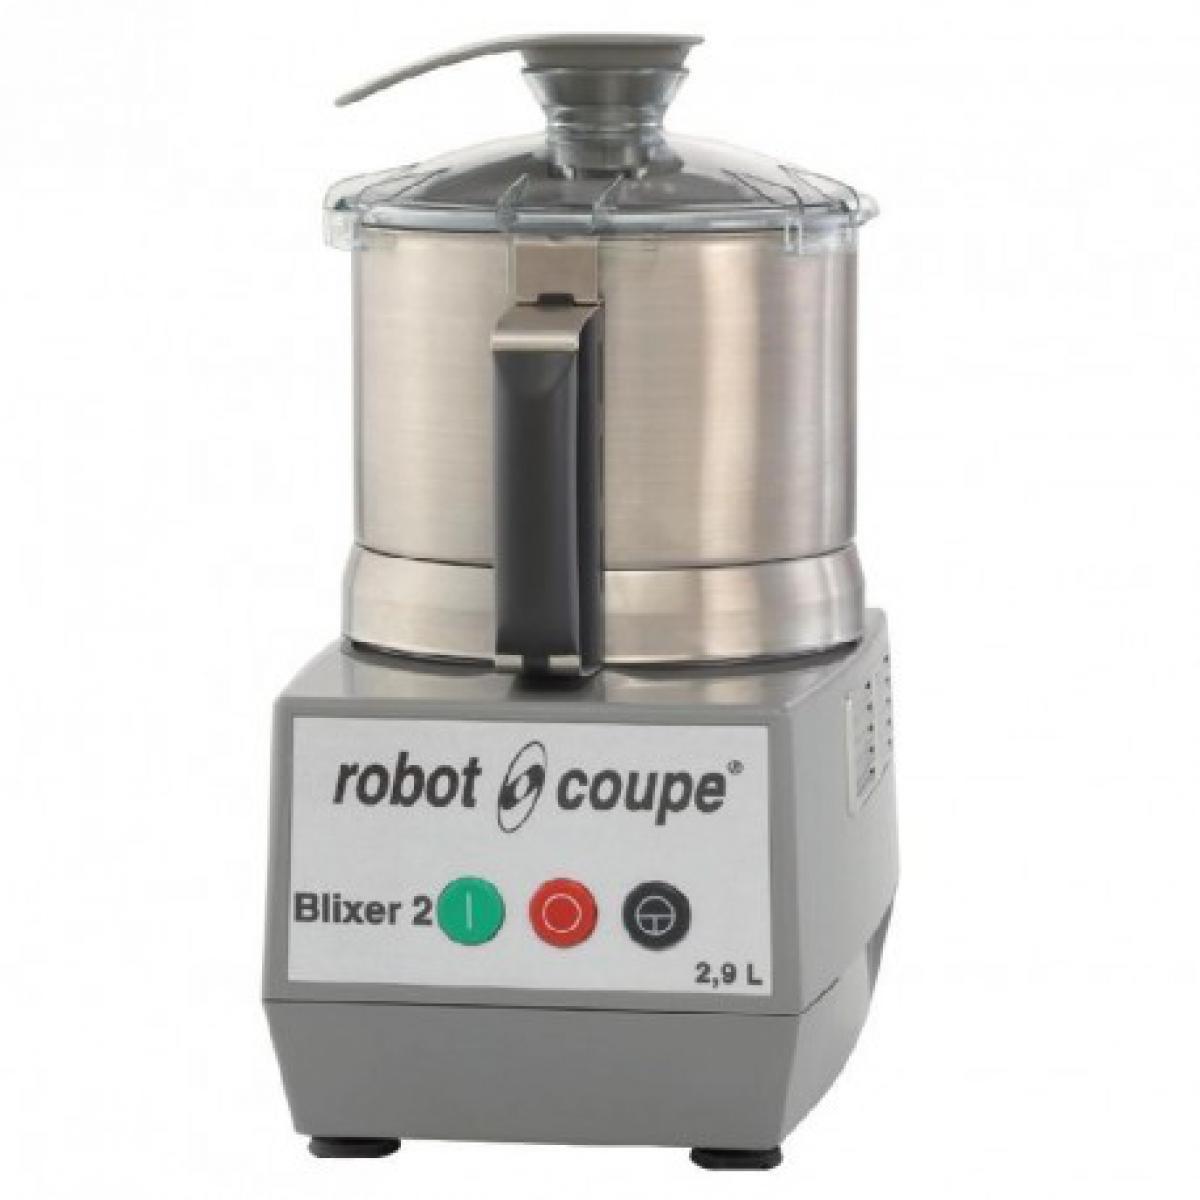 Robot Coupe Cutter de cuisine Blixer 2 Robot Coupe -